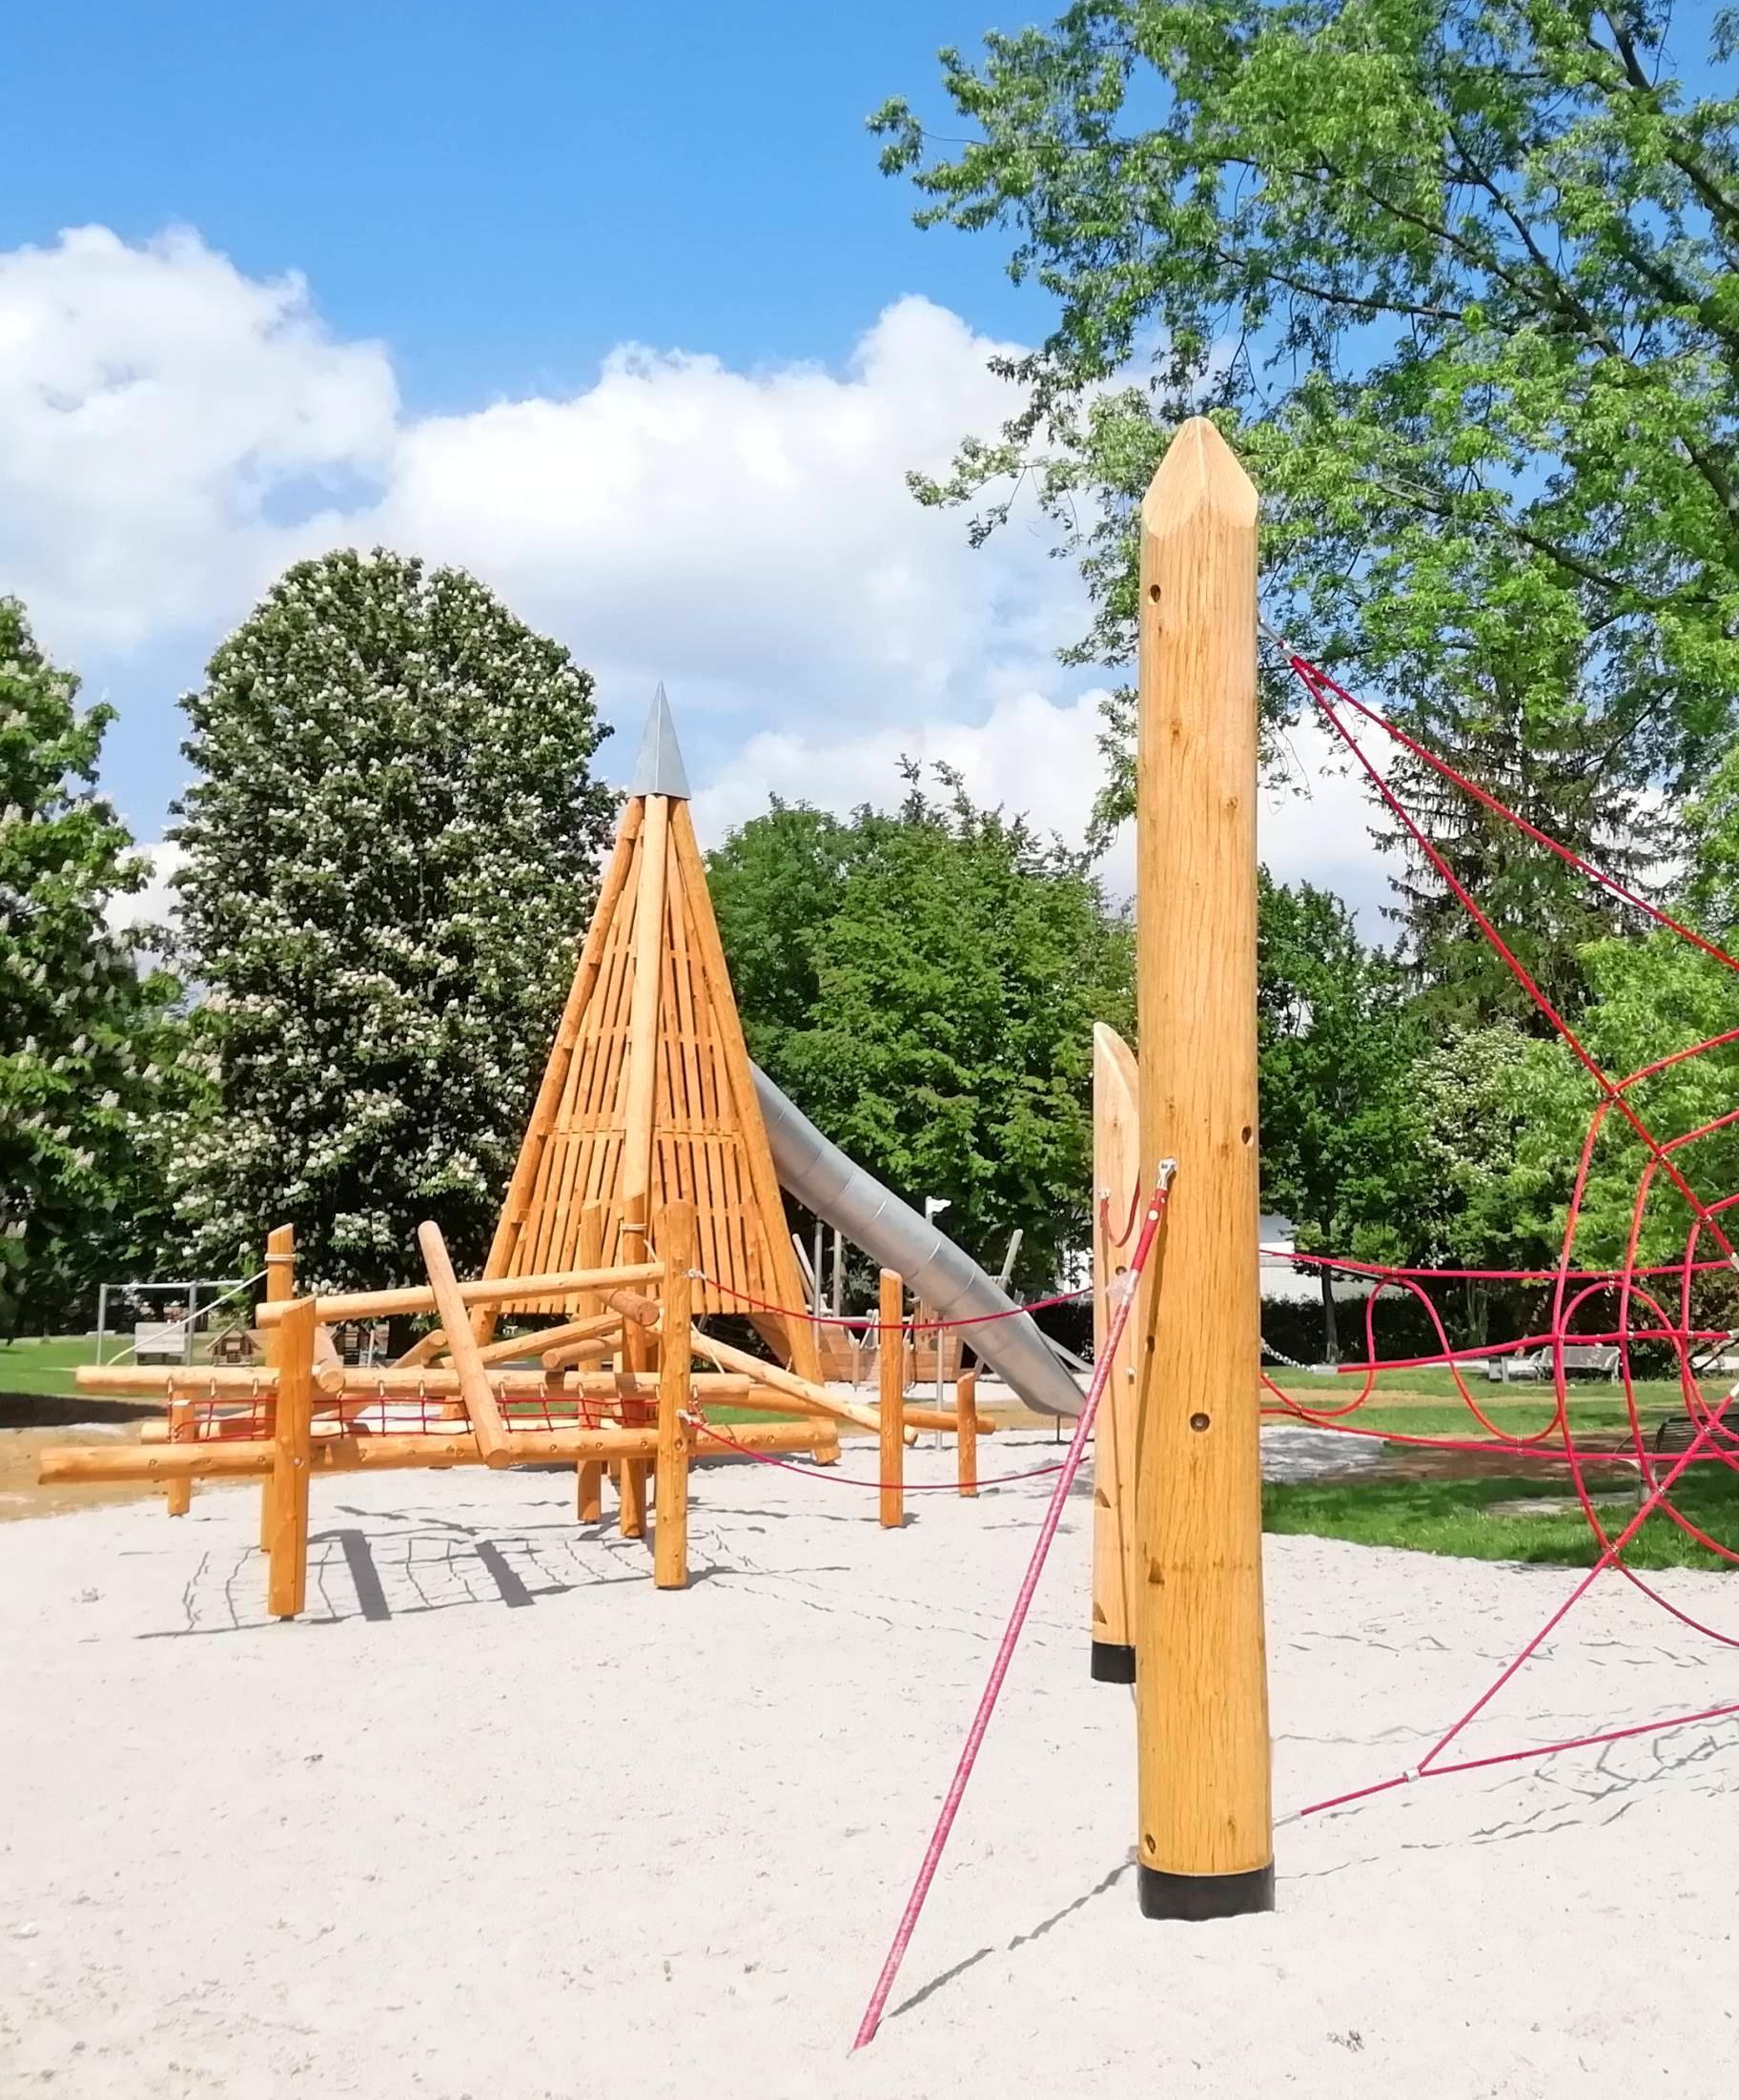 Der neue Ü 6-Spielplatz im Stadtpark lädt zum Klettern ein. Foto: Bauhof